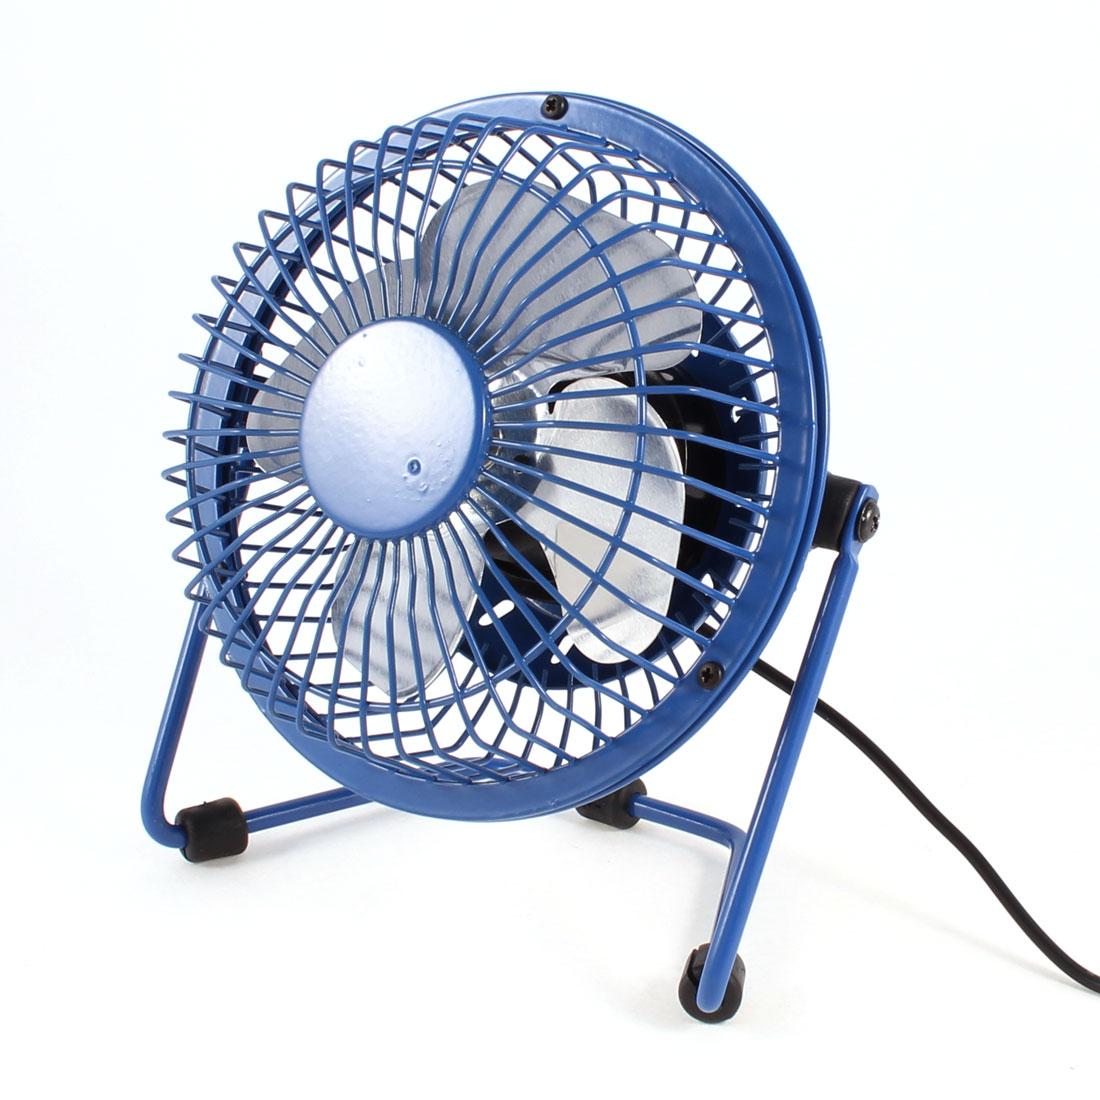 Blue 4 Blades Adjustable Angle Tabletop USB Cooler Cooling Fan